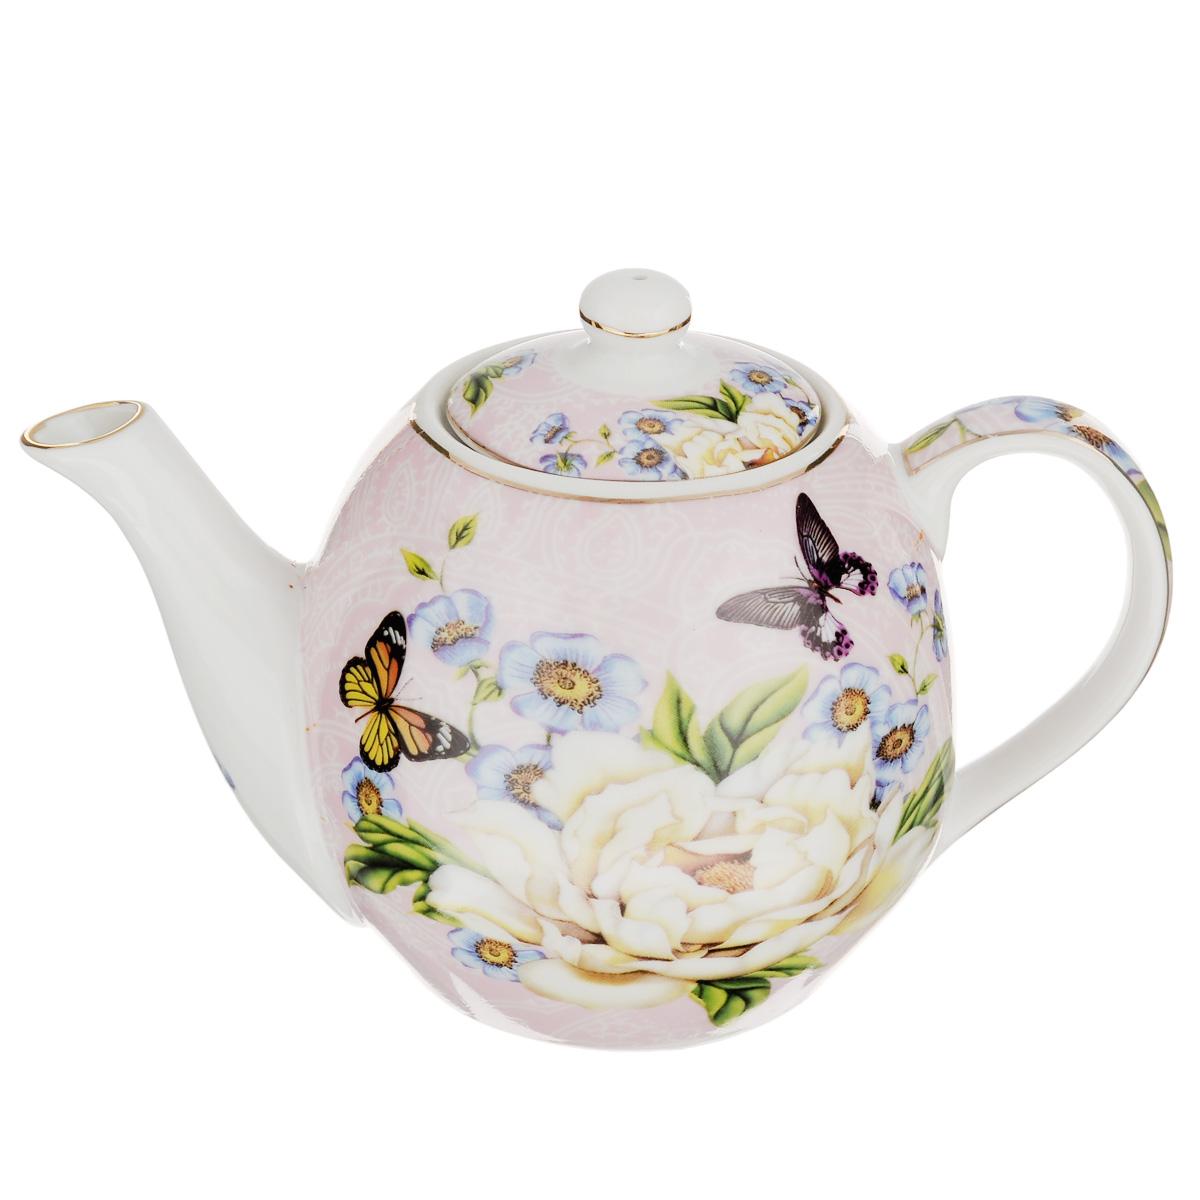 Чайник заварочный Briswild Бабочки на пионе, 470 млVT-1520(SR)Заварочный чайник Briswild Бабочки на пионе изготовлен из высококачественного фарфора и покрыт слоем сверкающей глазури. Посуда украшена изысканным изображением цветов и бабочек. Такой чайник прекрасно дополнит сервировку стола к чаепитию и станет его неизменным атрибутом. Не использовать в микроволновой печи. Объем: 470 мл. Диаметр (по верхнему краю): 6 см. Высота стенки (без учета крышки): 9 см.